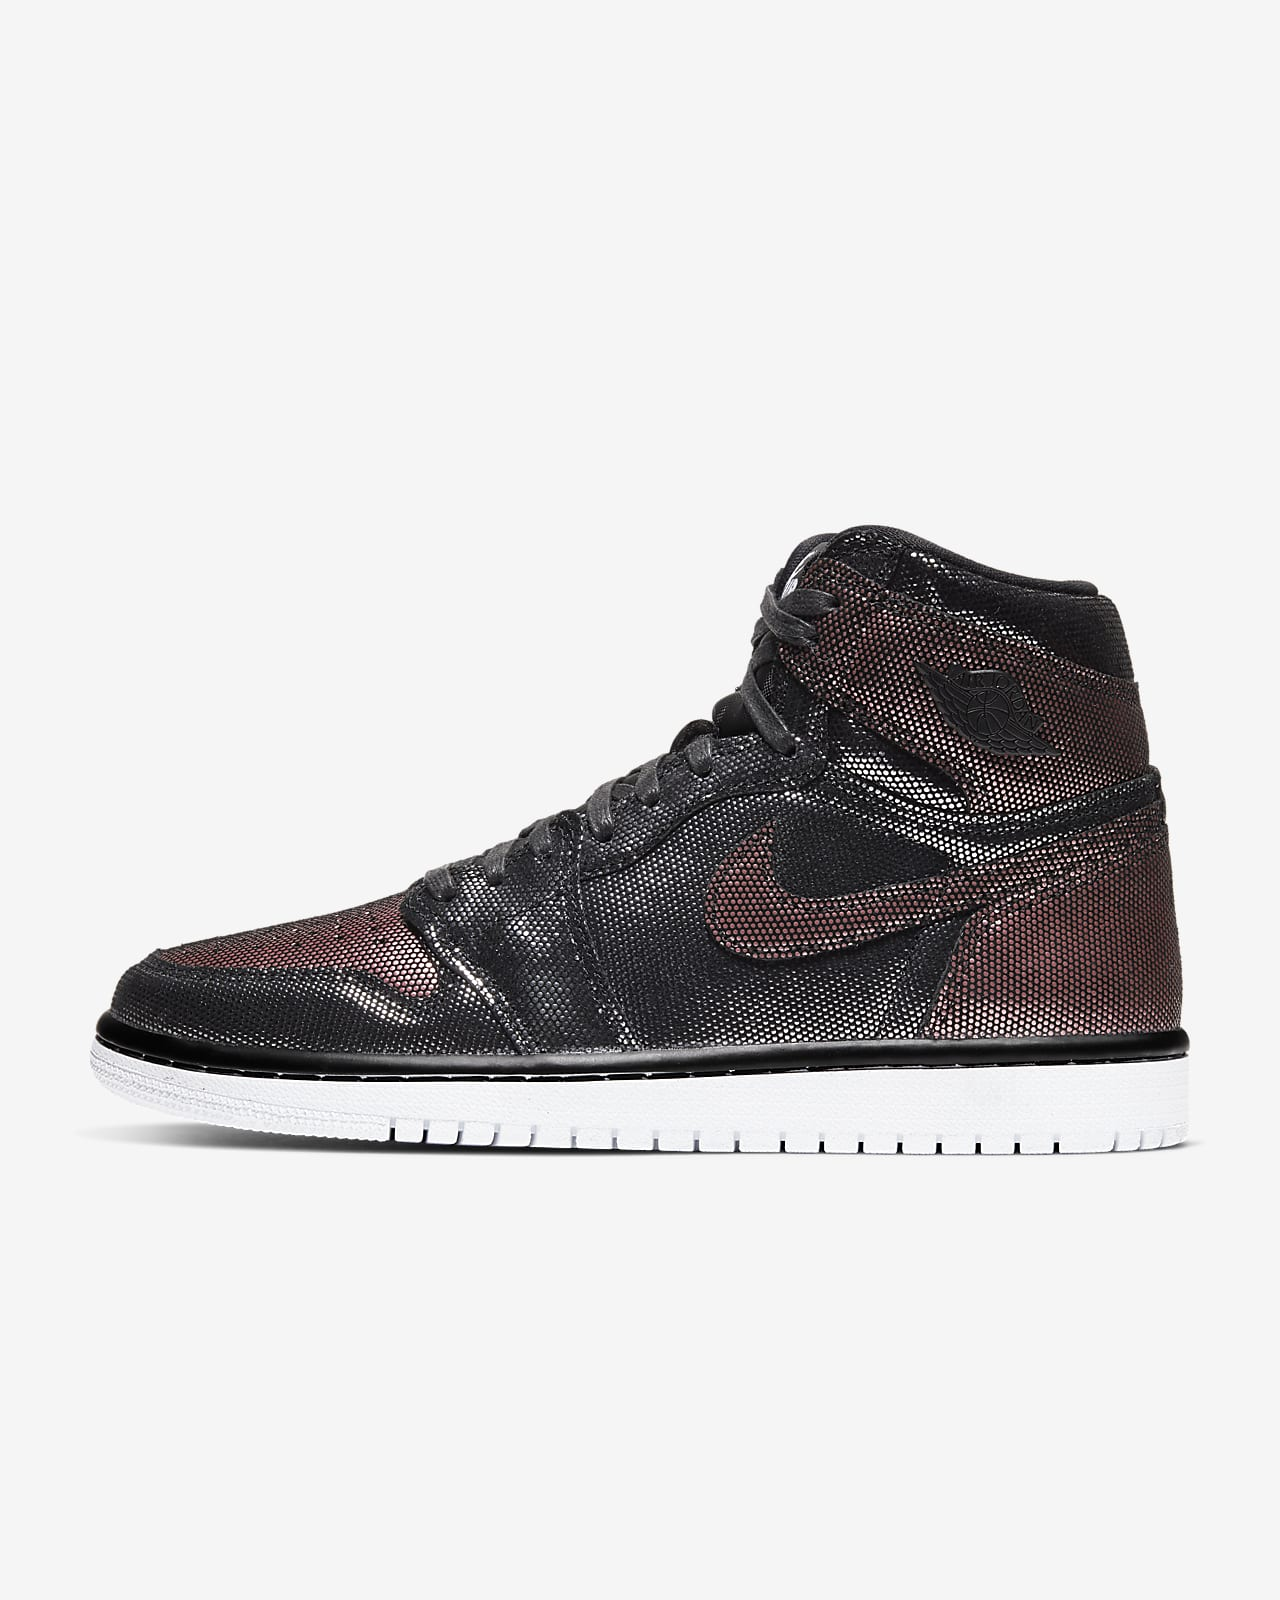 Air Jordan 1 Hi OG Fearless. Nike